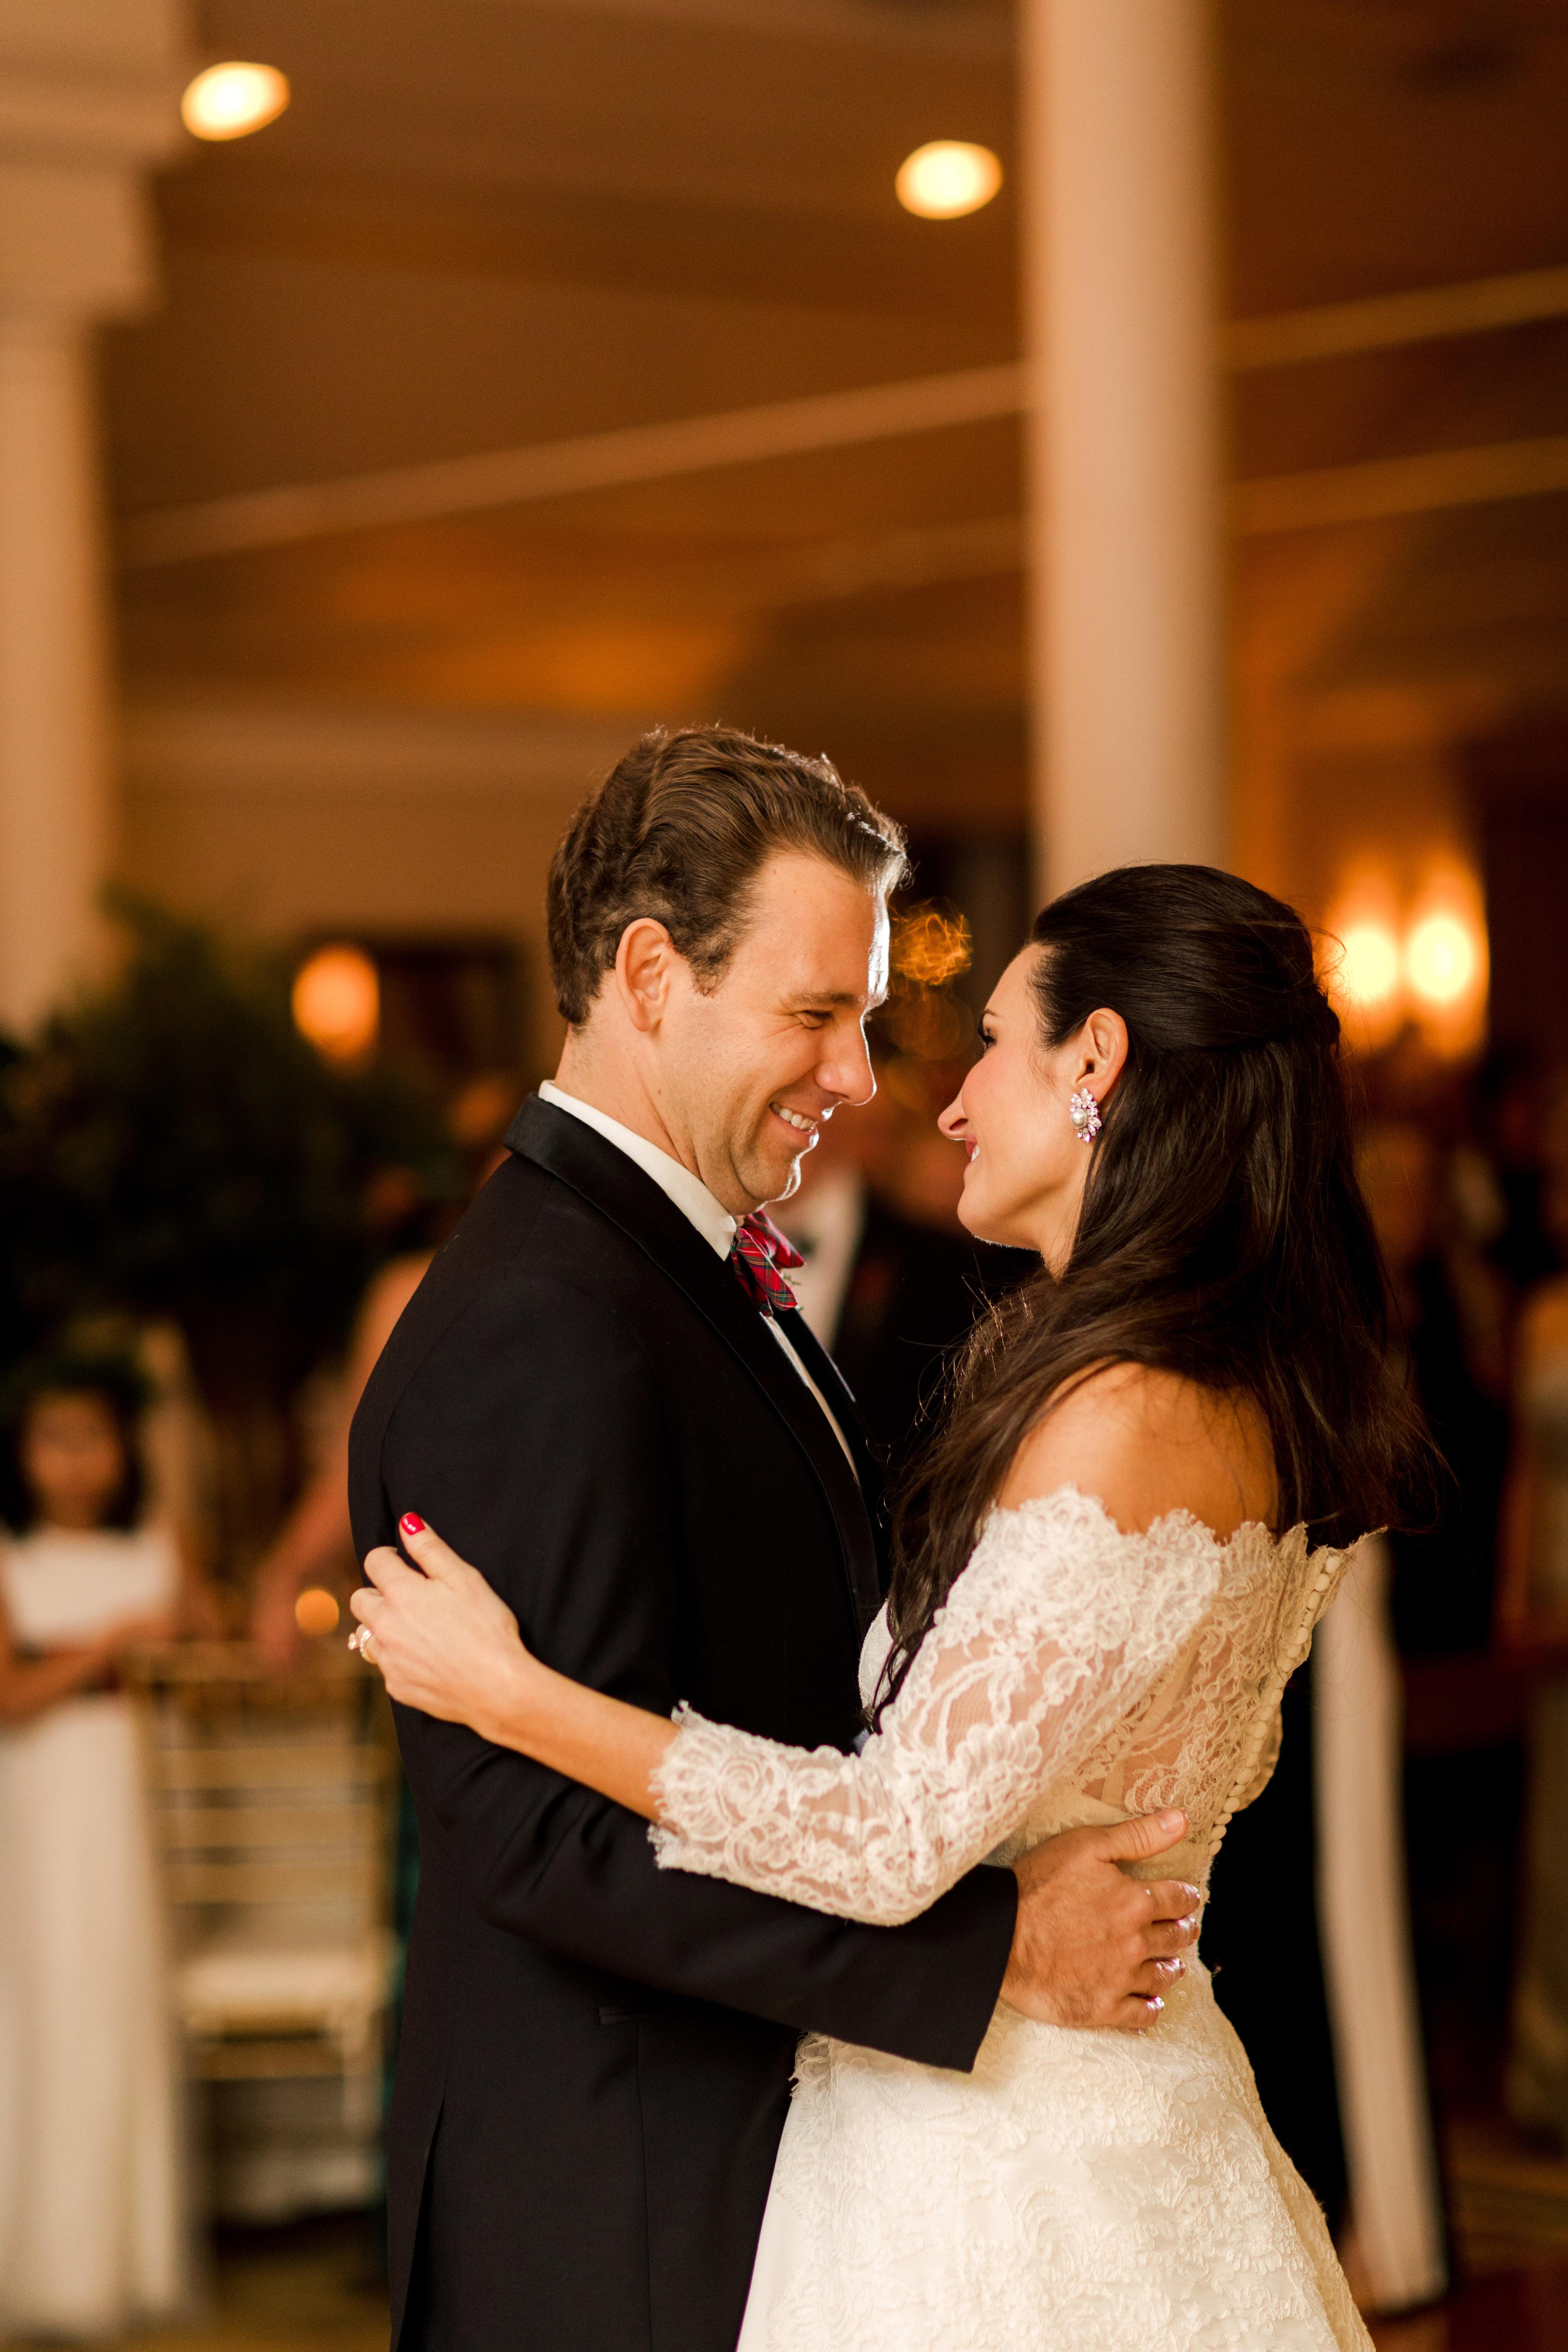 lauren christian christmas wedding couple first dance